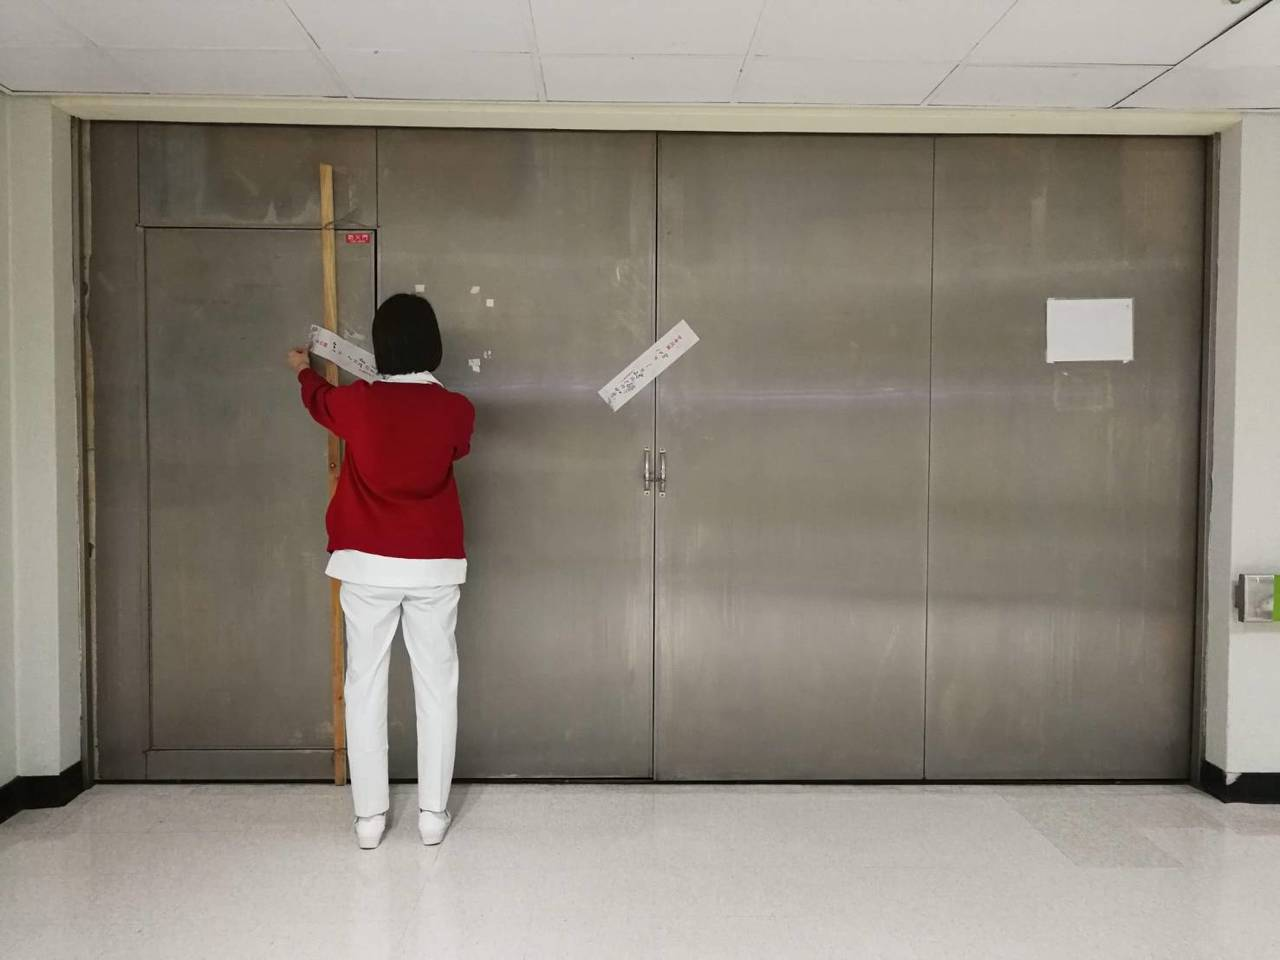 過年期間,人力吃緊,許多醫院會暫時關閉部分病房。圖/謝向堯醫師提供